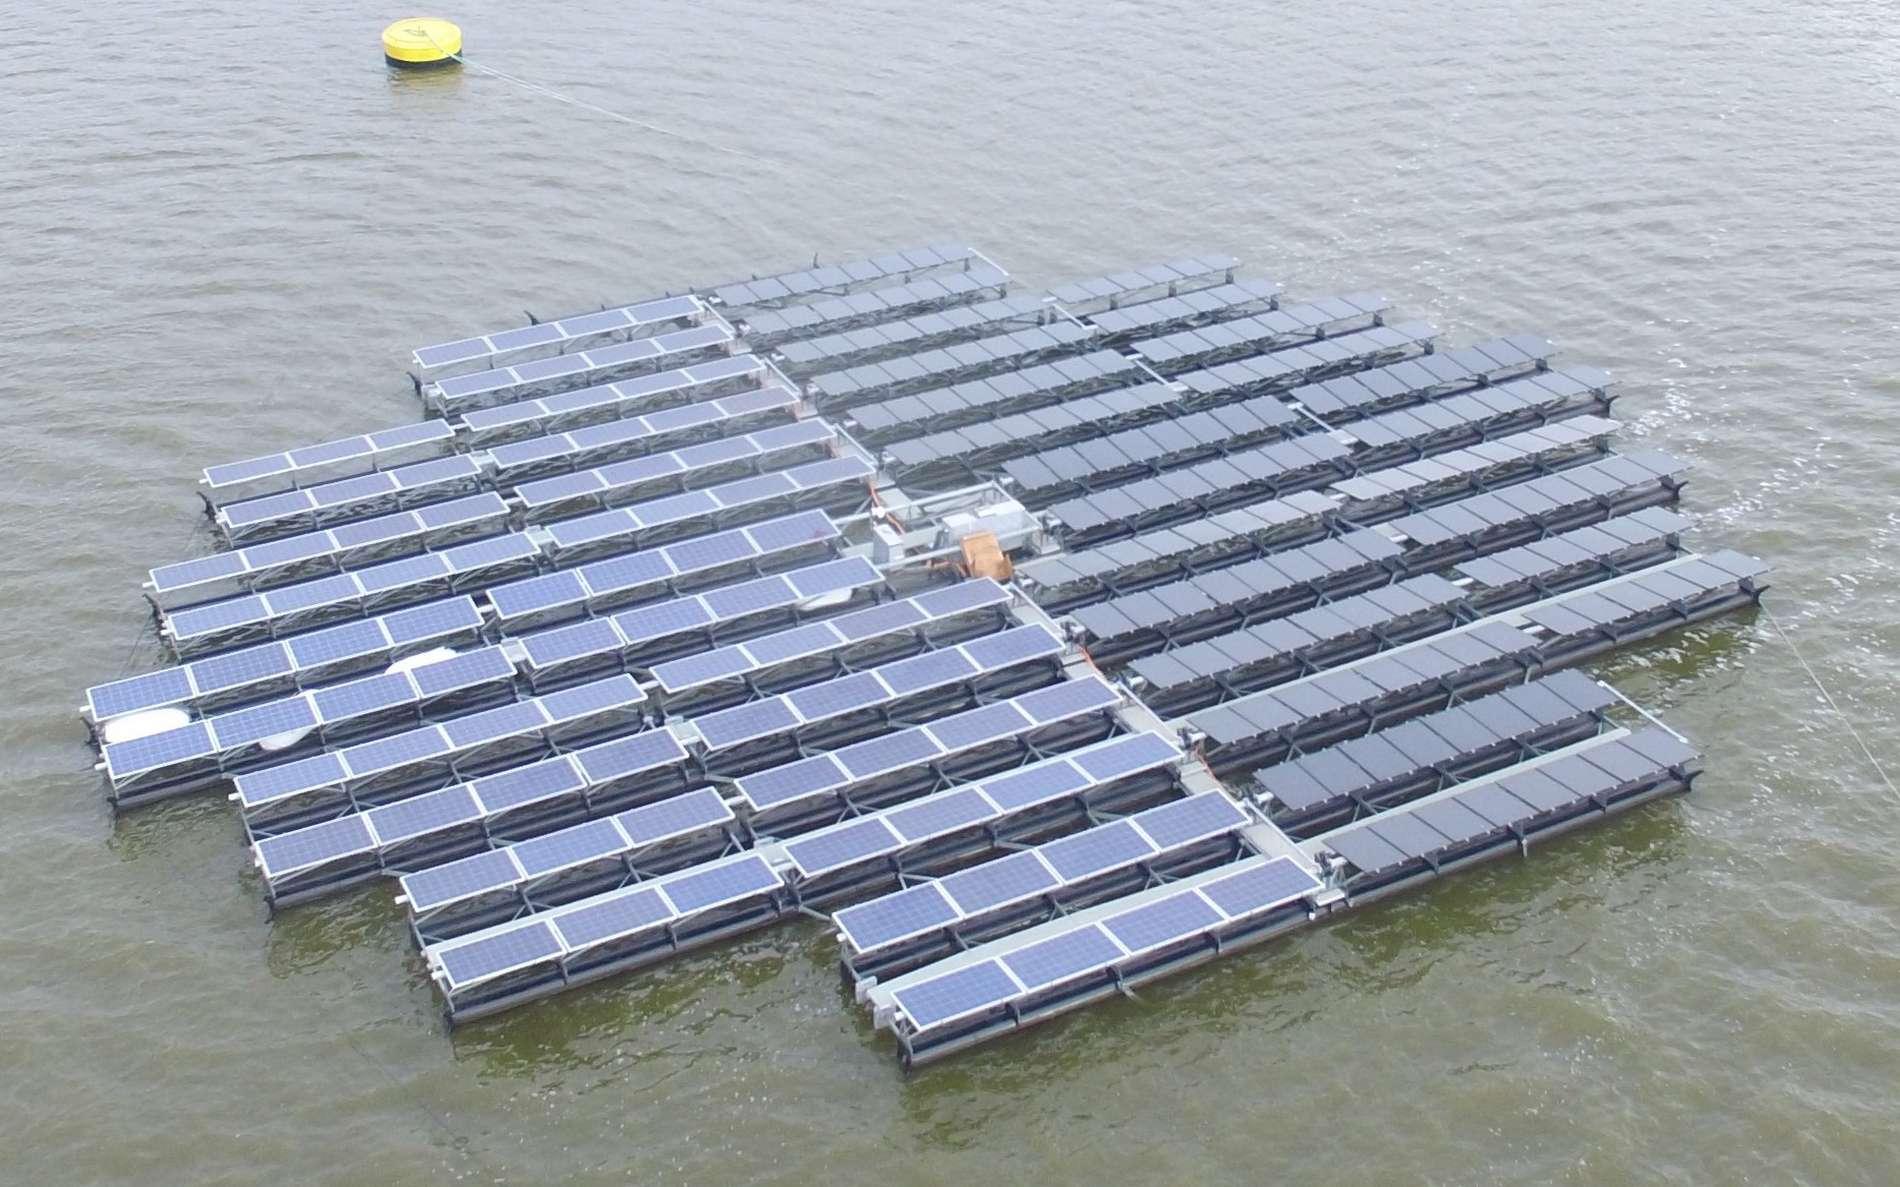 Construite sur un réservoir d'eau, la ferme solaire flottante d'Andijk, aux Pays-Bas, a une capacité de 22,8 MW. © Floating Solar